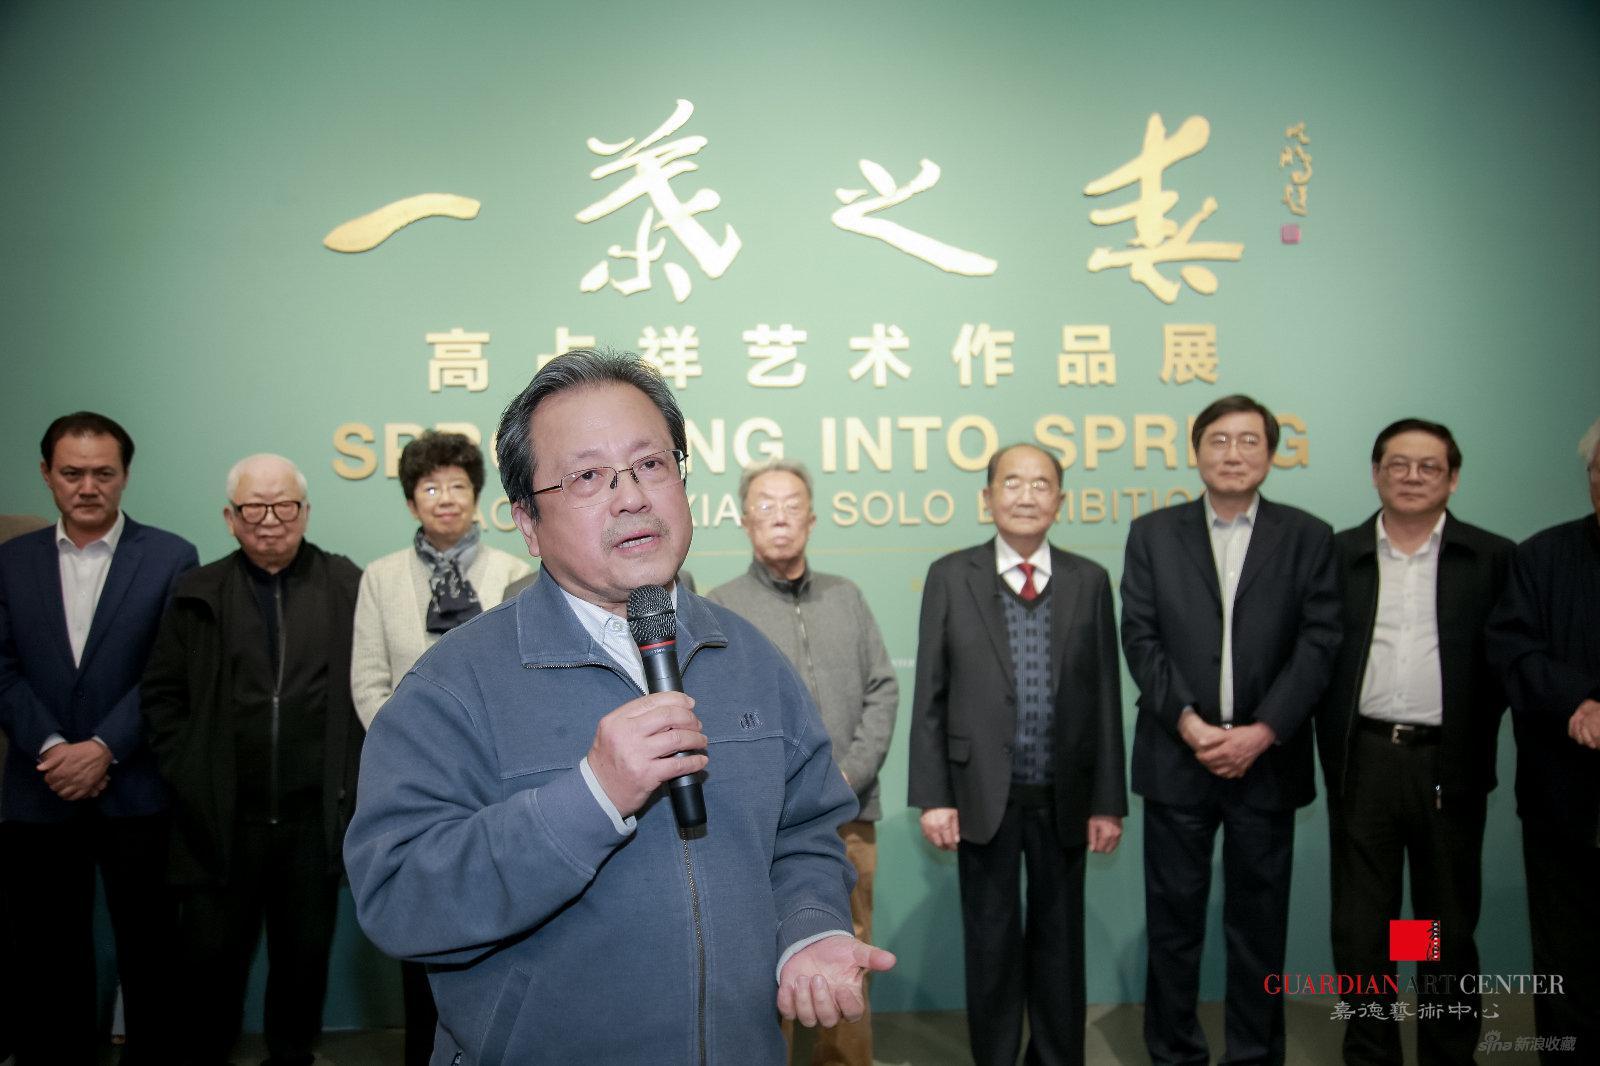 中央文史研究馆副馆长冯远先生致辞